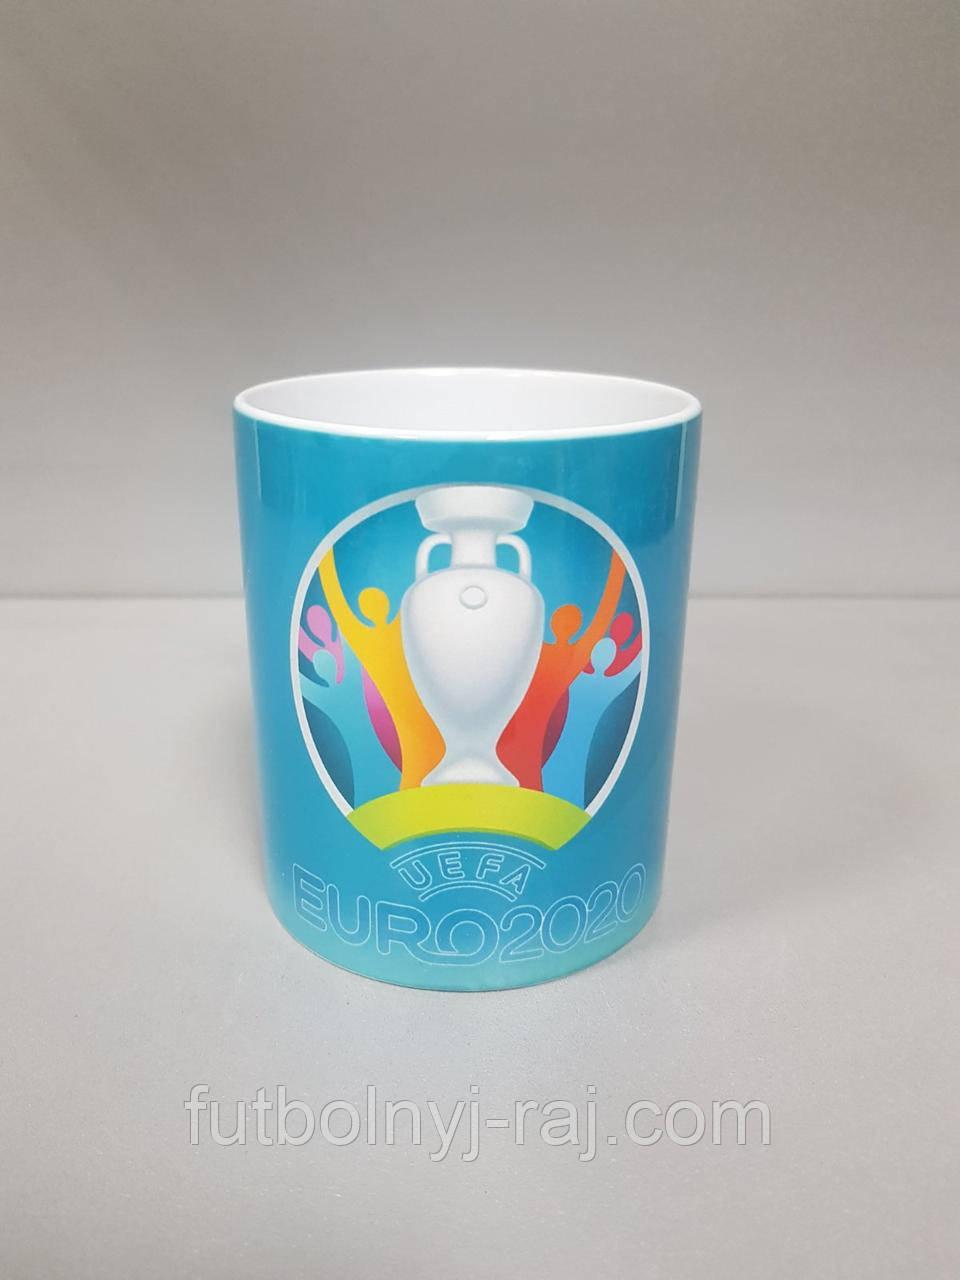 Чашка чайная футбольная с изображением символики Euro2020